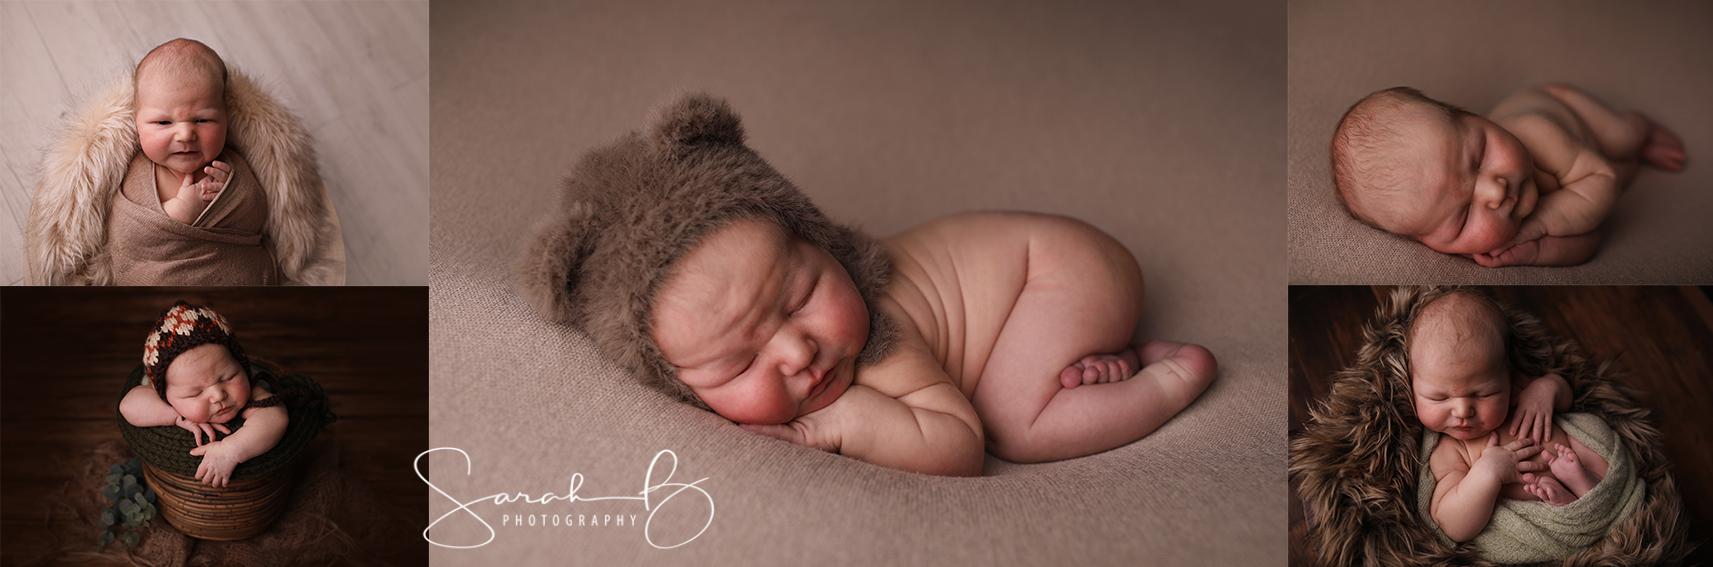 Brisbane newborn baby photographer digit